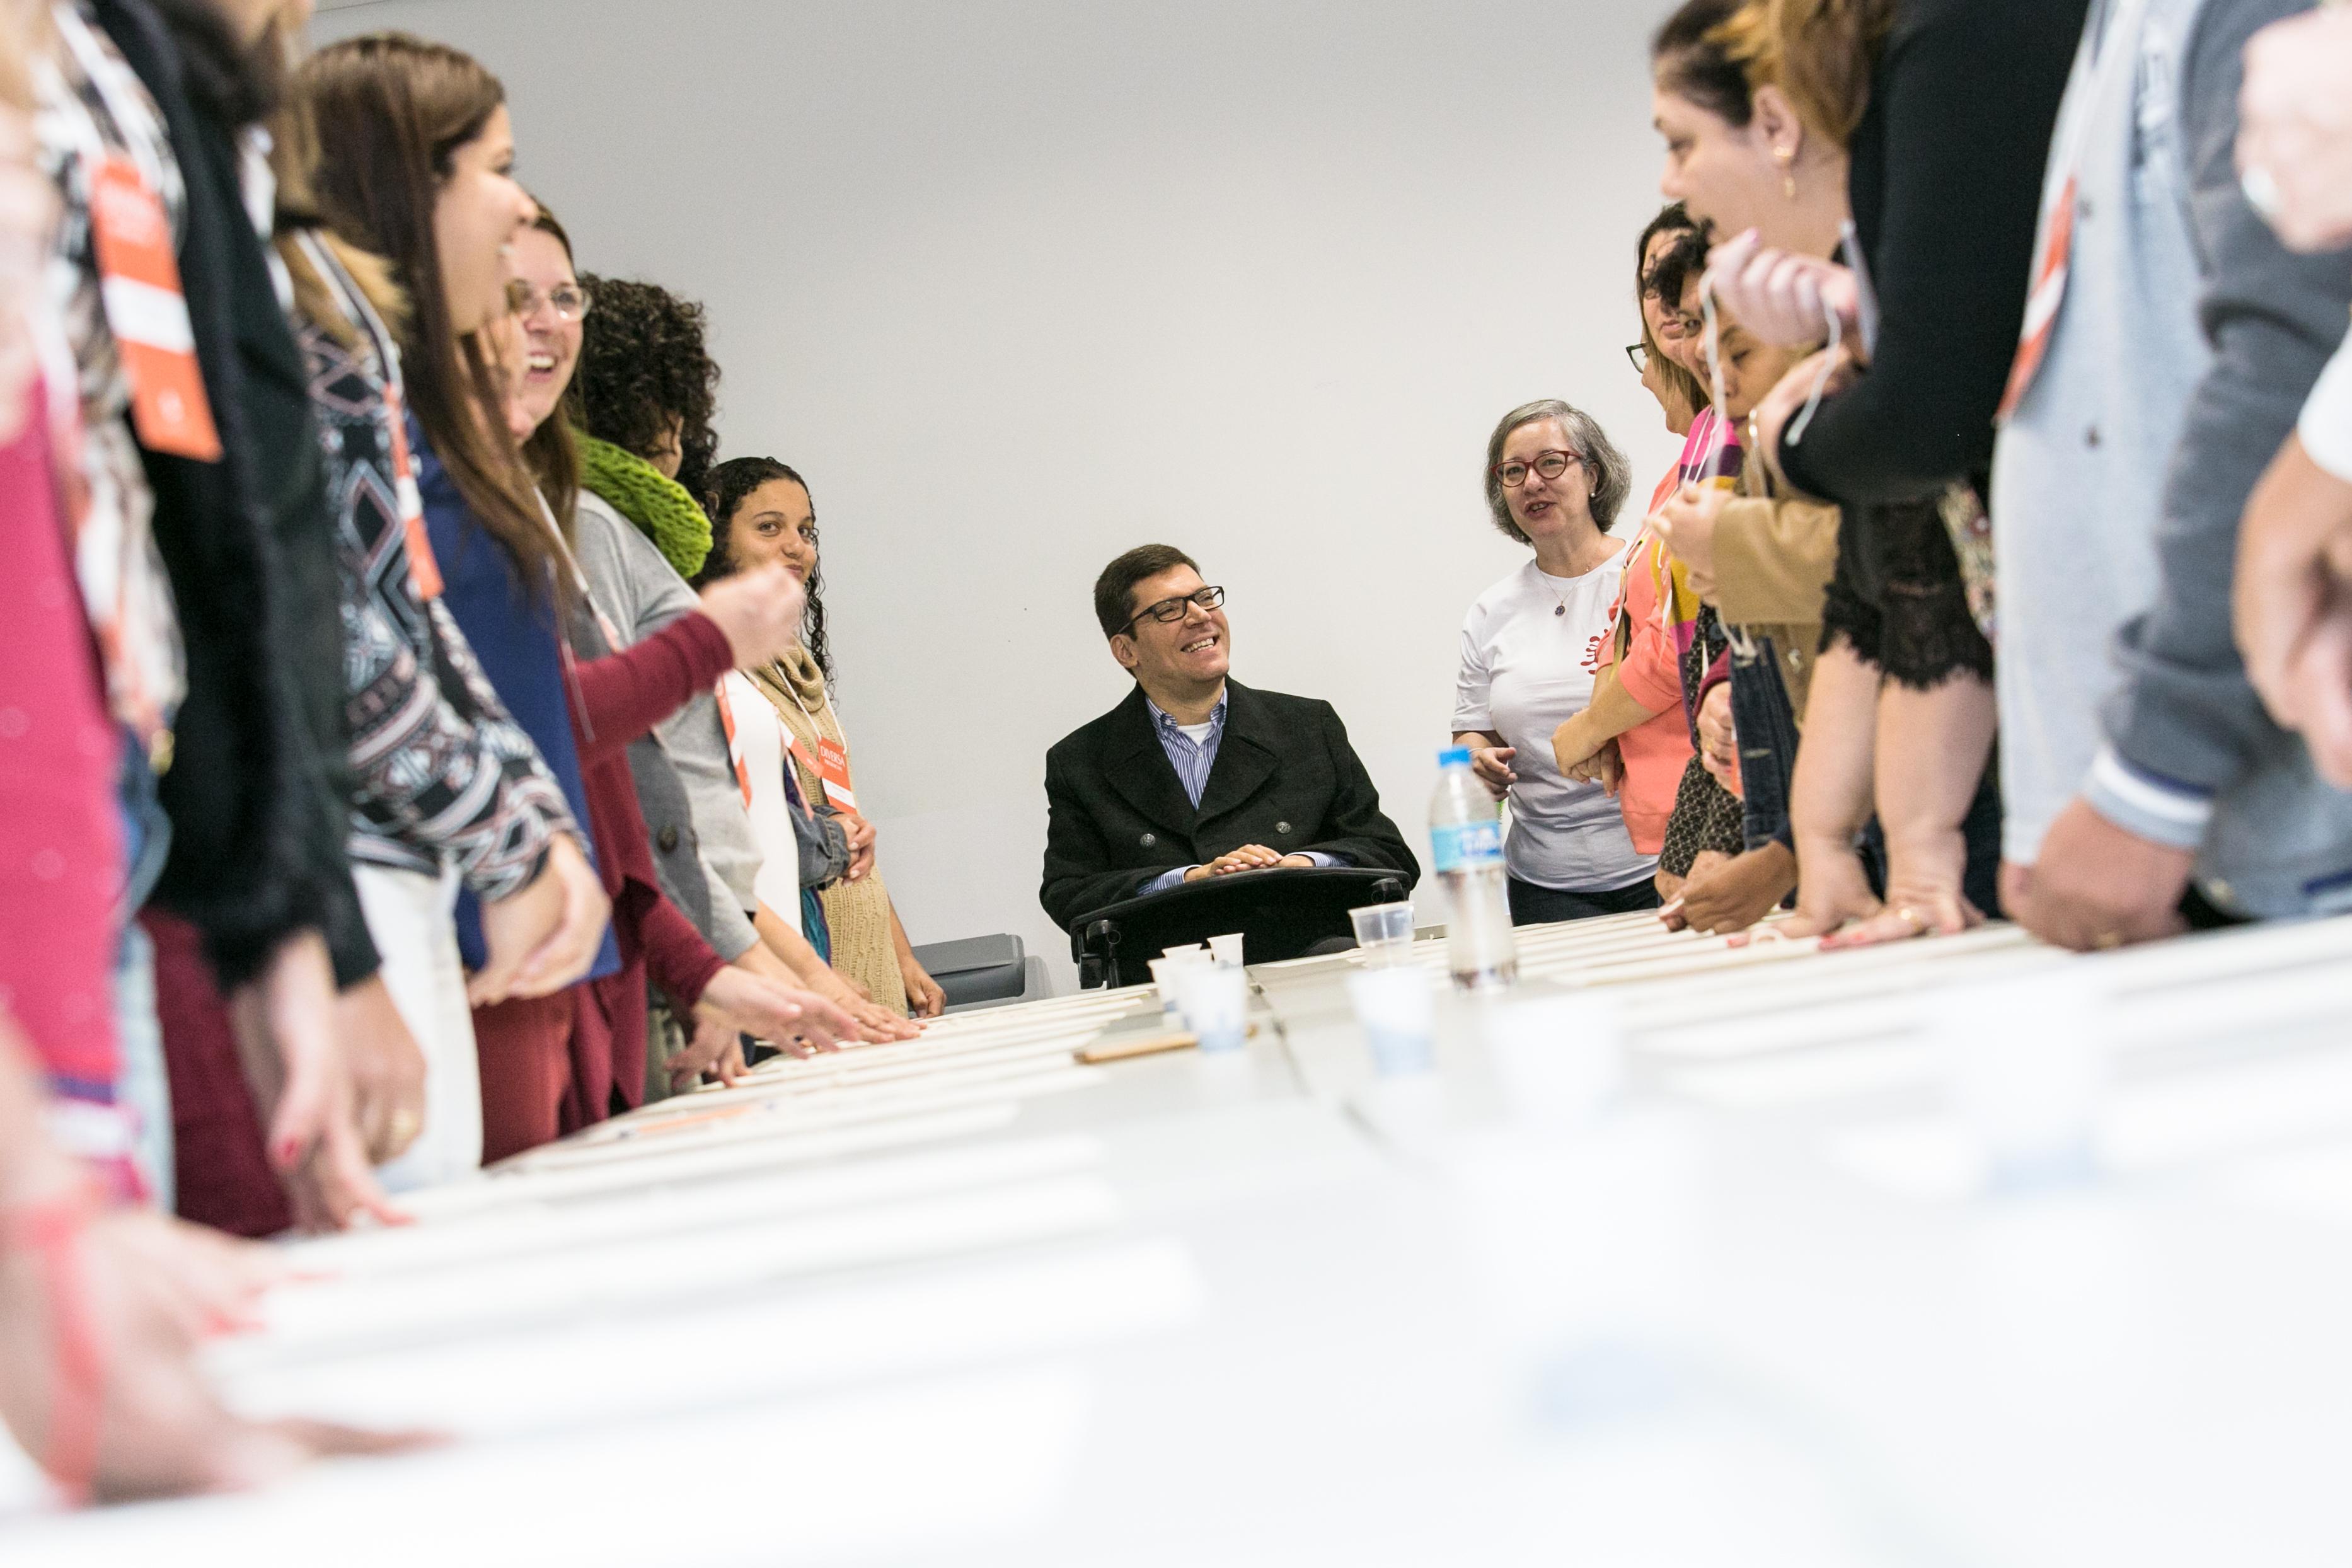 Foto do Rodrigo Mendes na ponta de uma mesa grande retangular. Ele está na cadeira de rodas sorrindo e olhando para o lado. Há pessoas em pé sorrindo e olhando para ele nos dois lados da mesa.